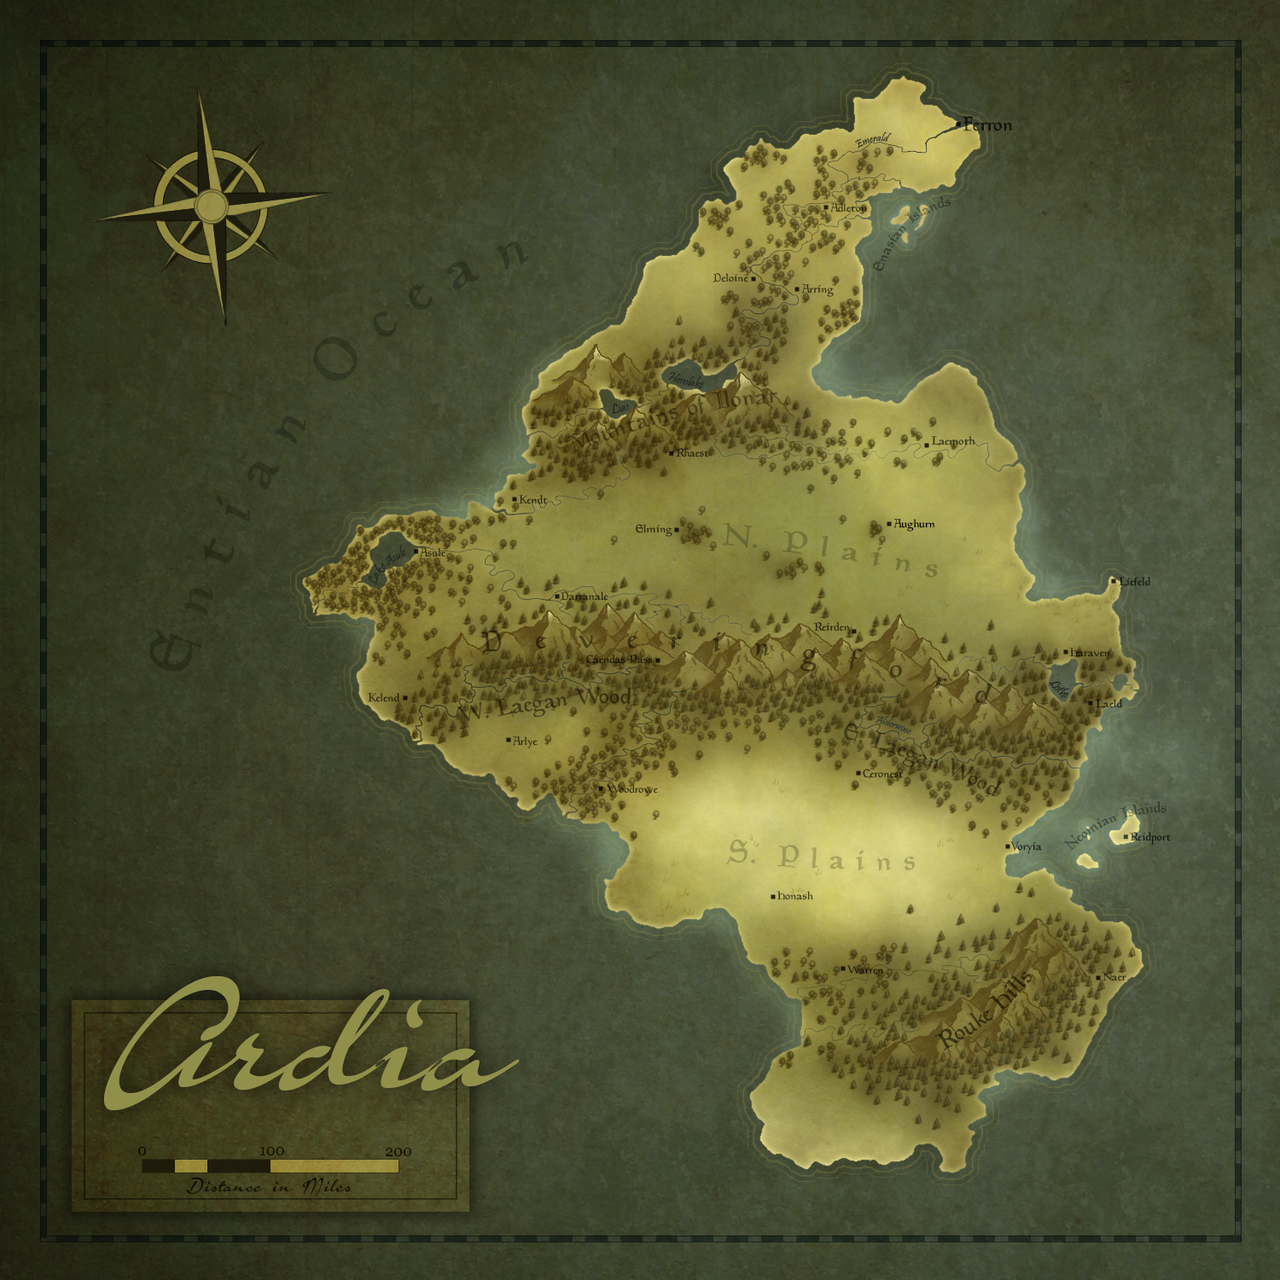 ardia regional fantasy map by ahobbiteer on deviantart